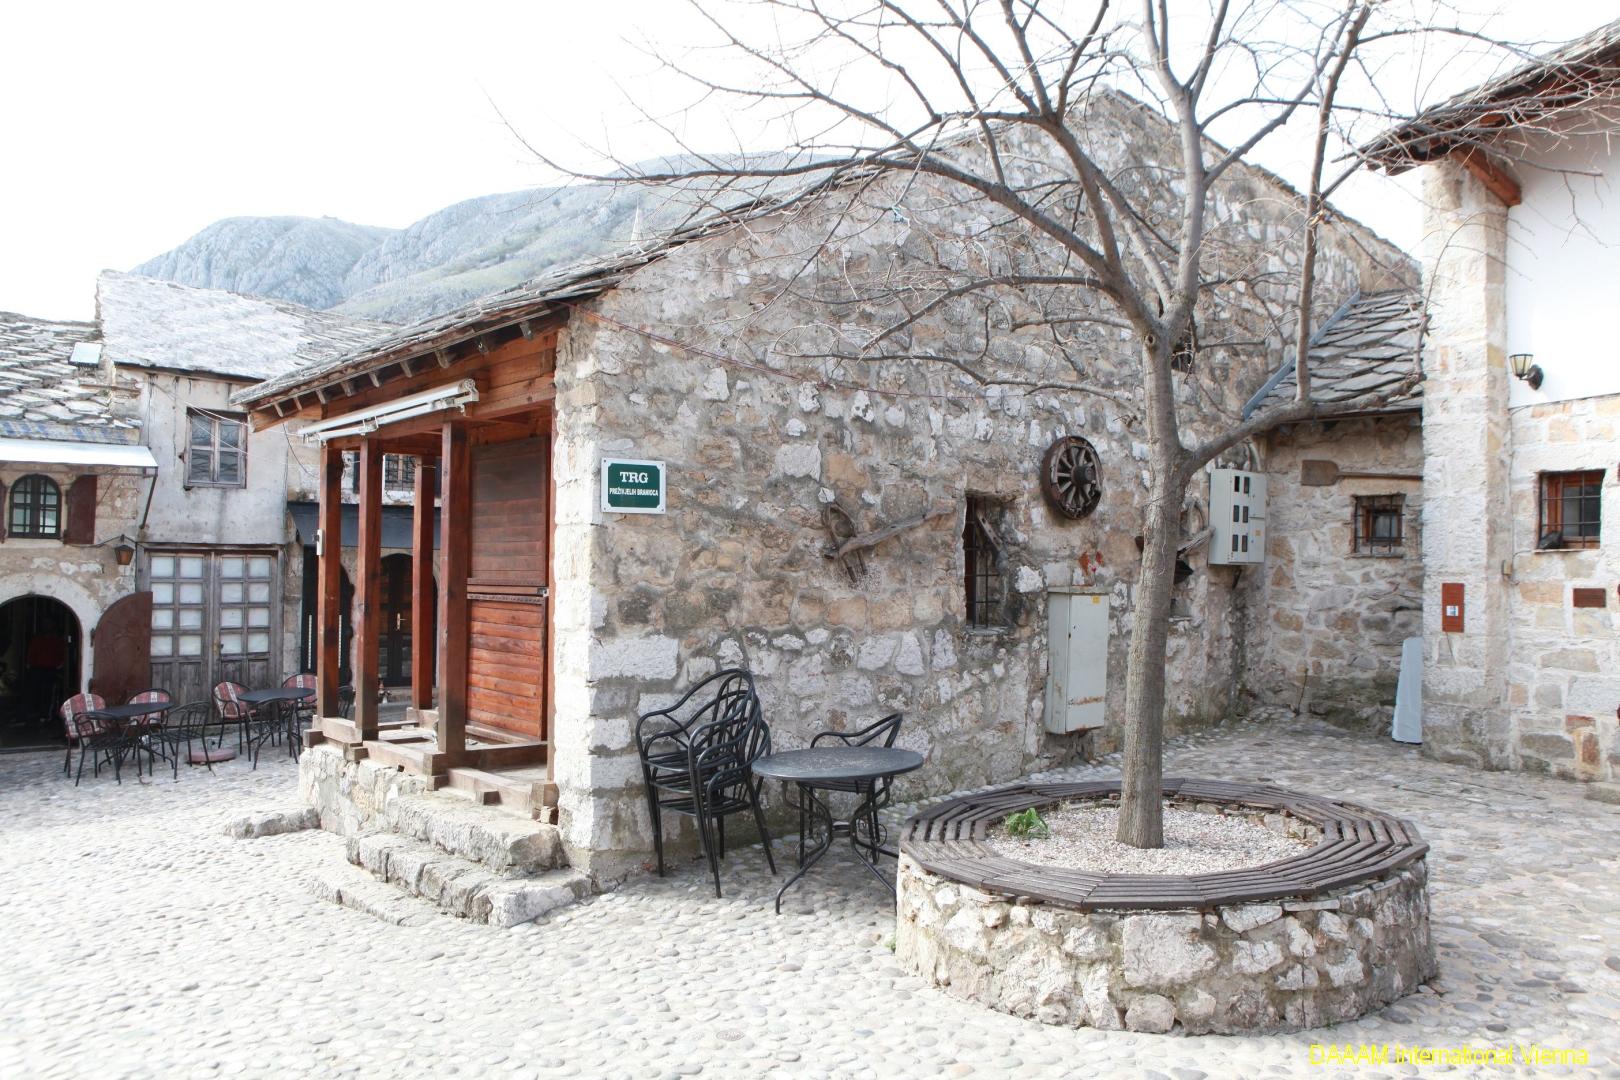 DAAAM_2016_Mostar_01_Magic_City_of_Mostar_019